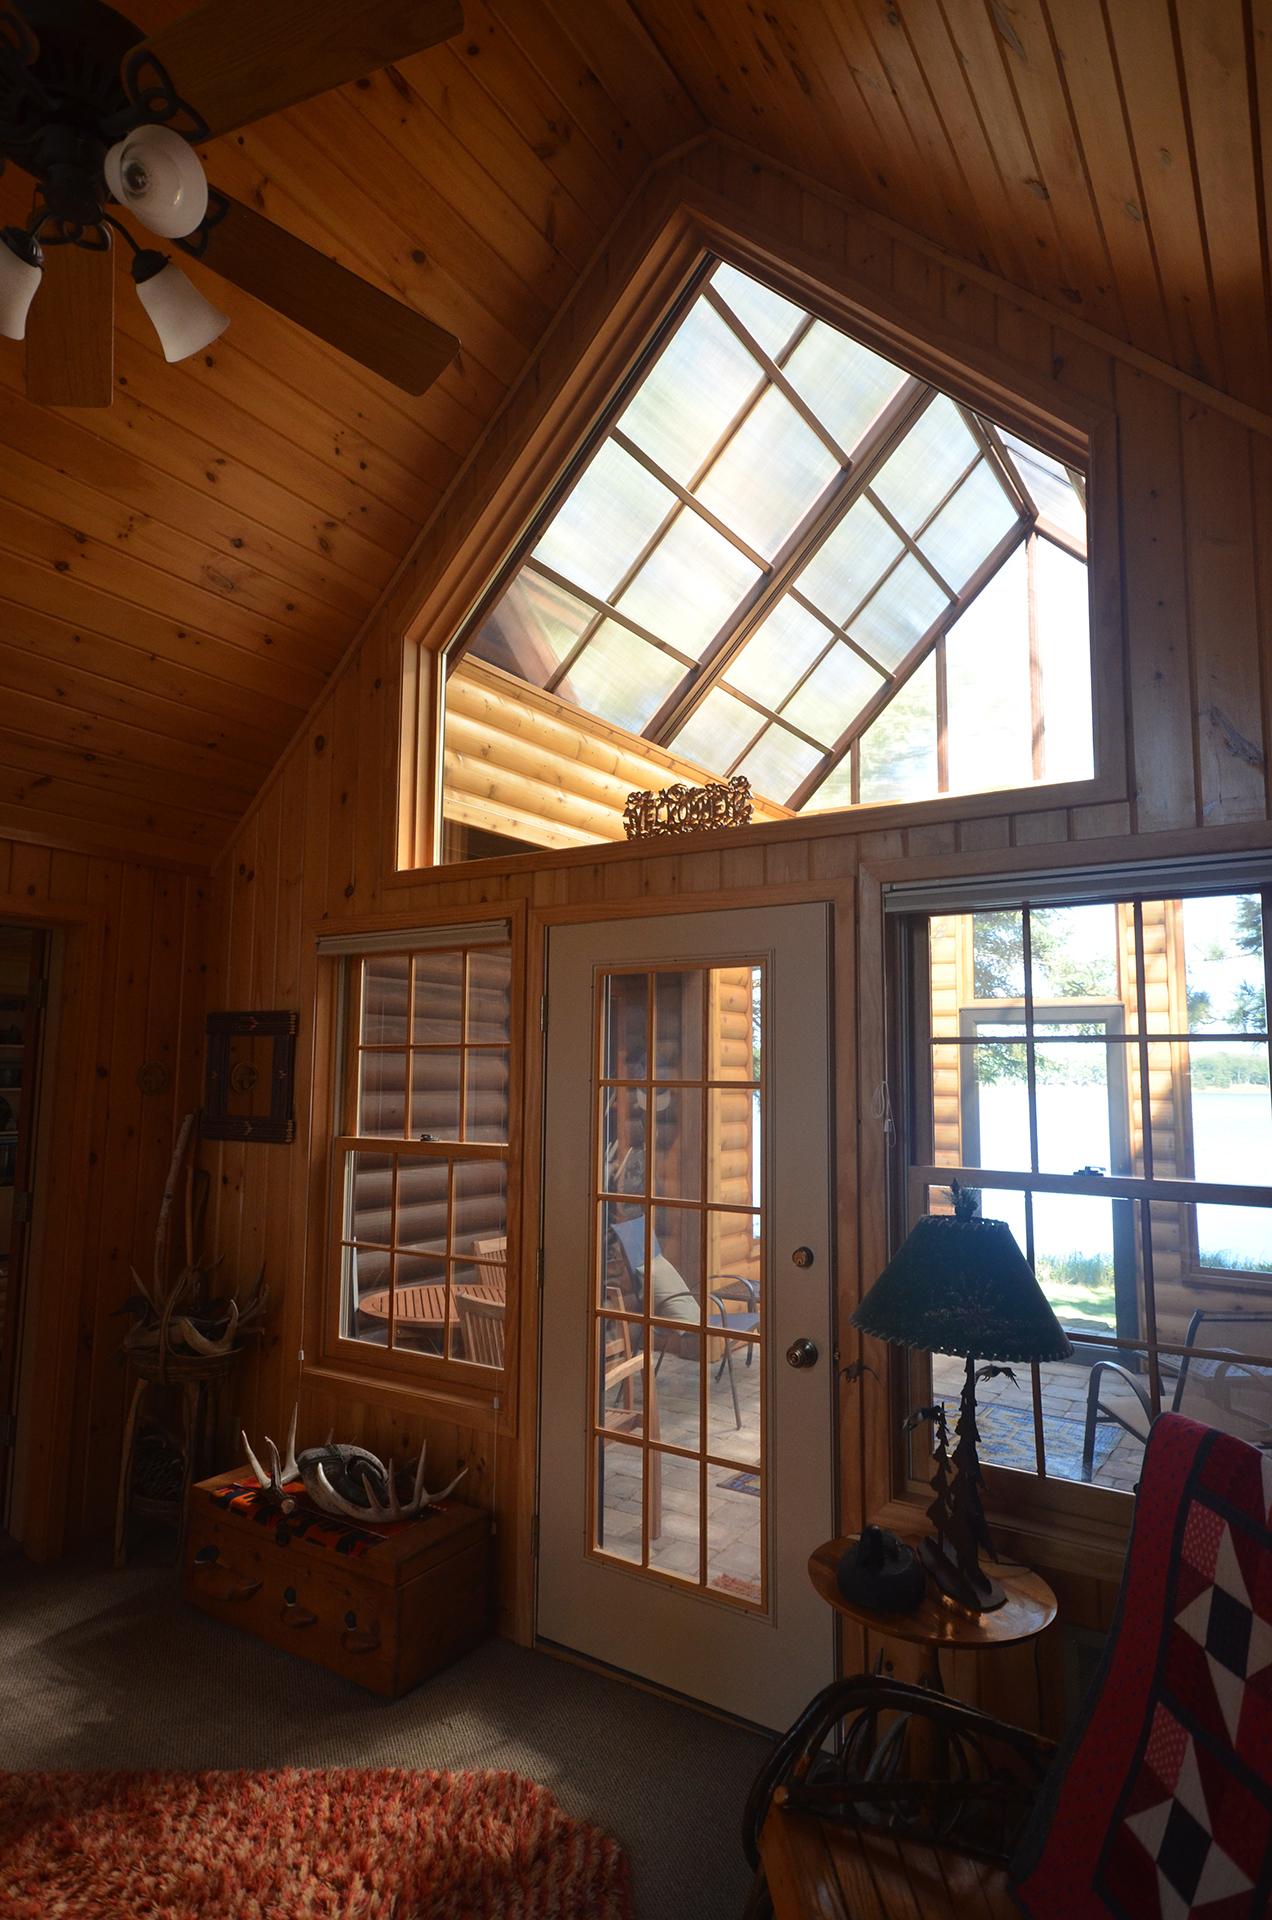 Skylight in residence